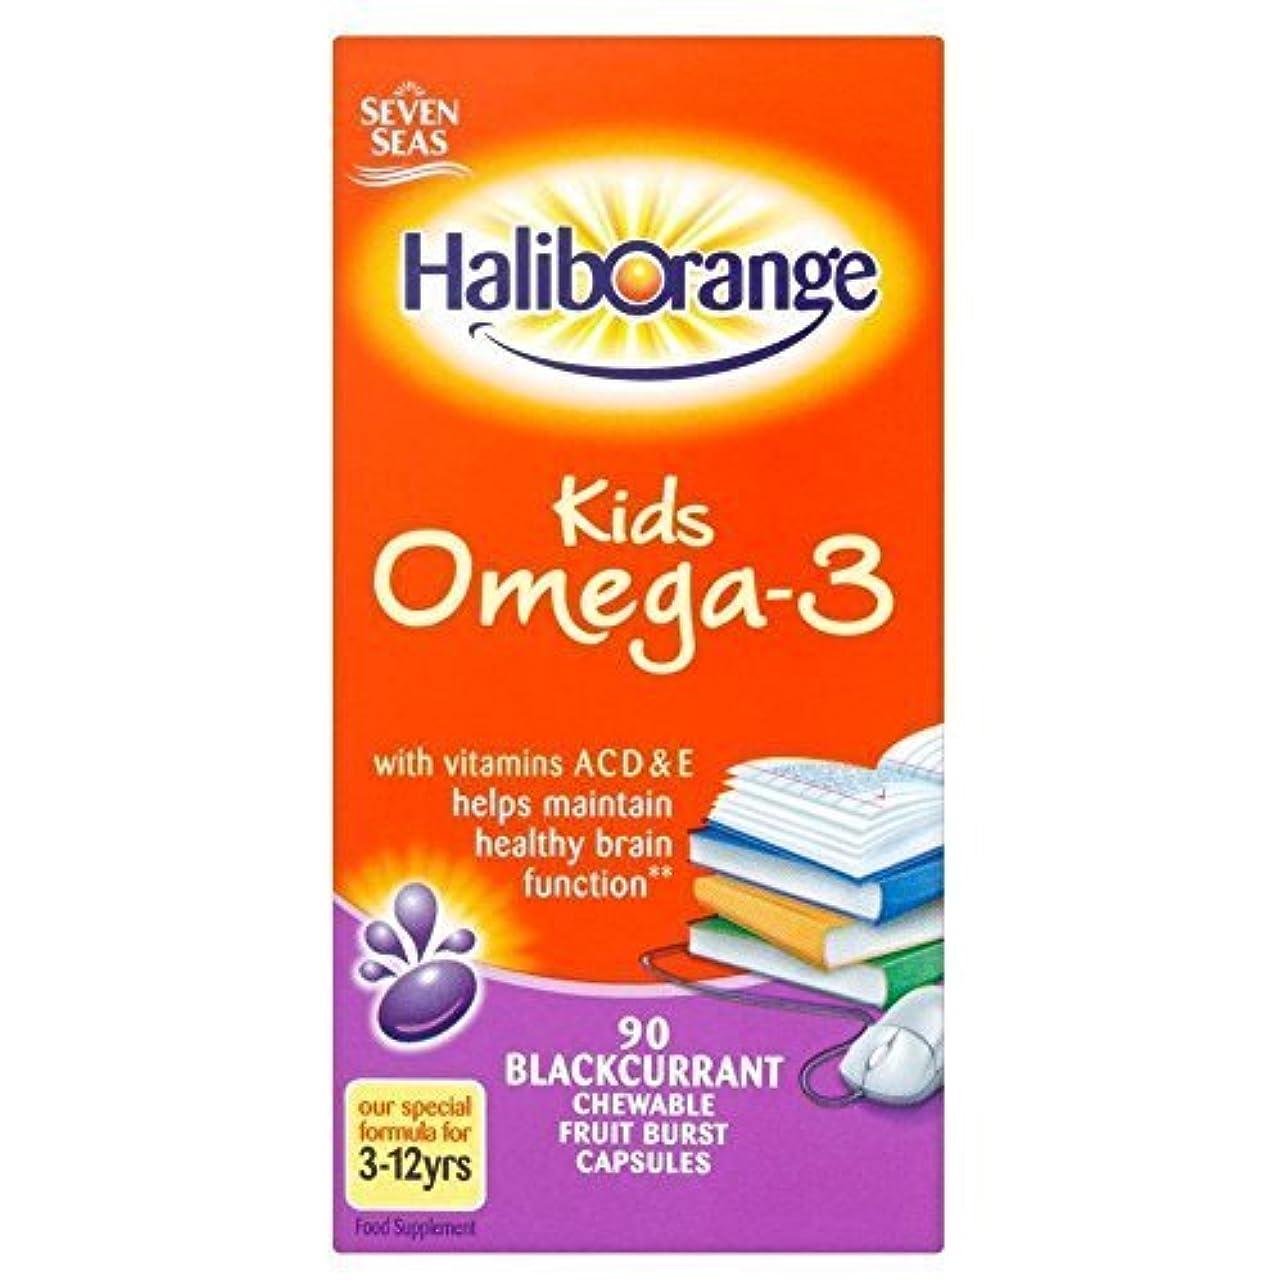 修正墓画像Haliborange Omega-3 Fish Oil Blackcurrant Chewy Capsules (90) by Grocery [並行輸入品]